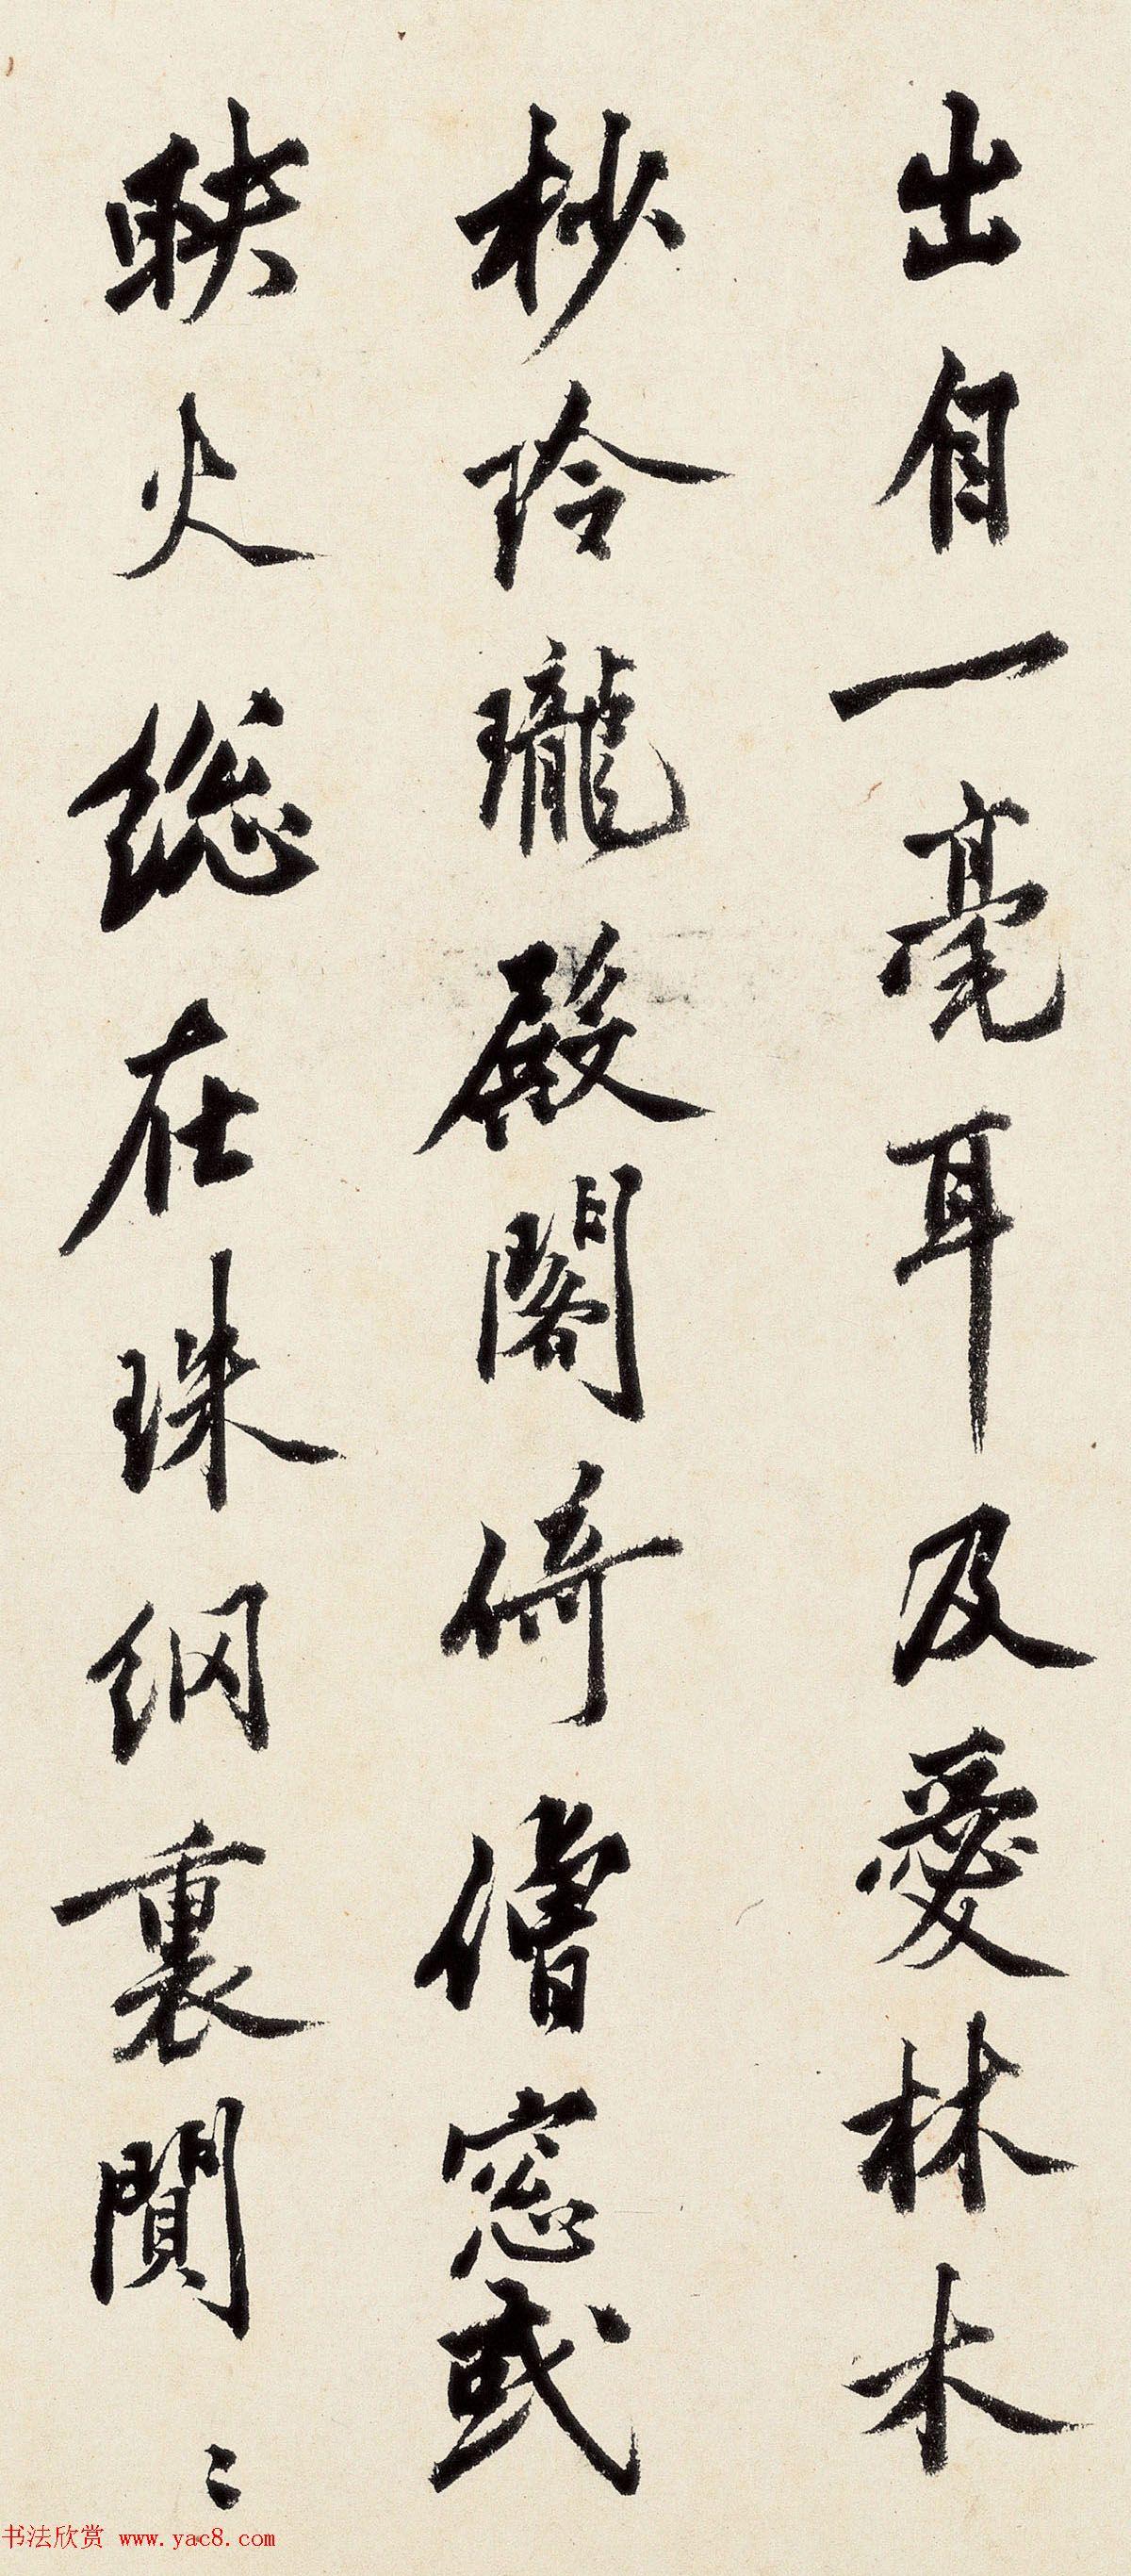 明朝沈周67岁行书手卷《千人石夜游》